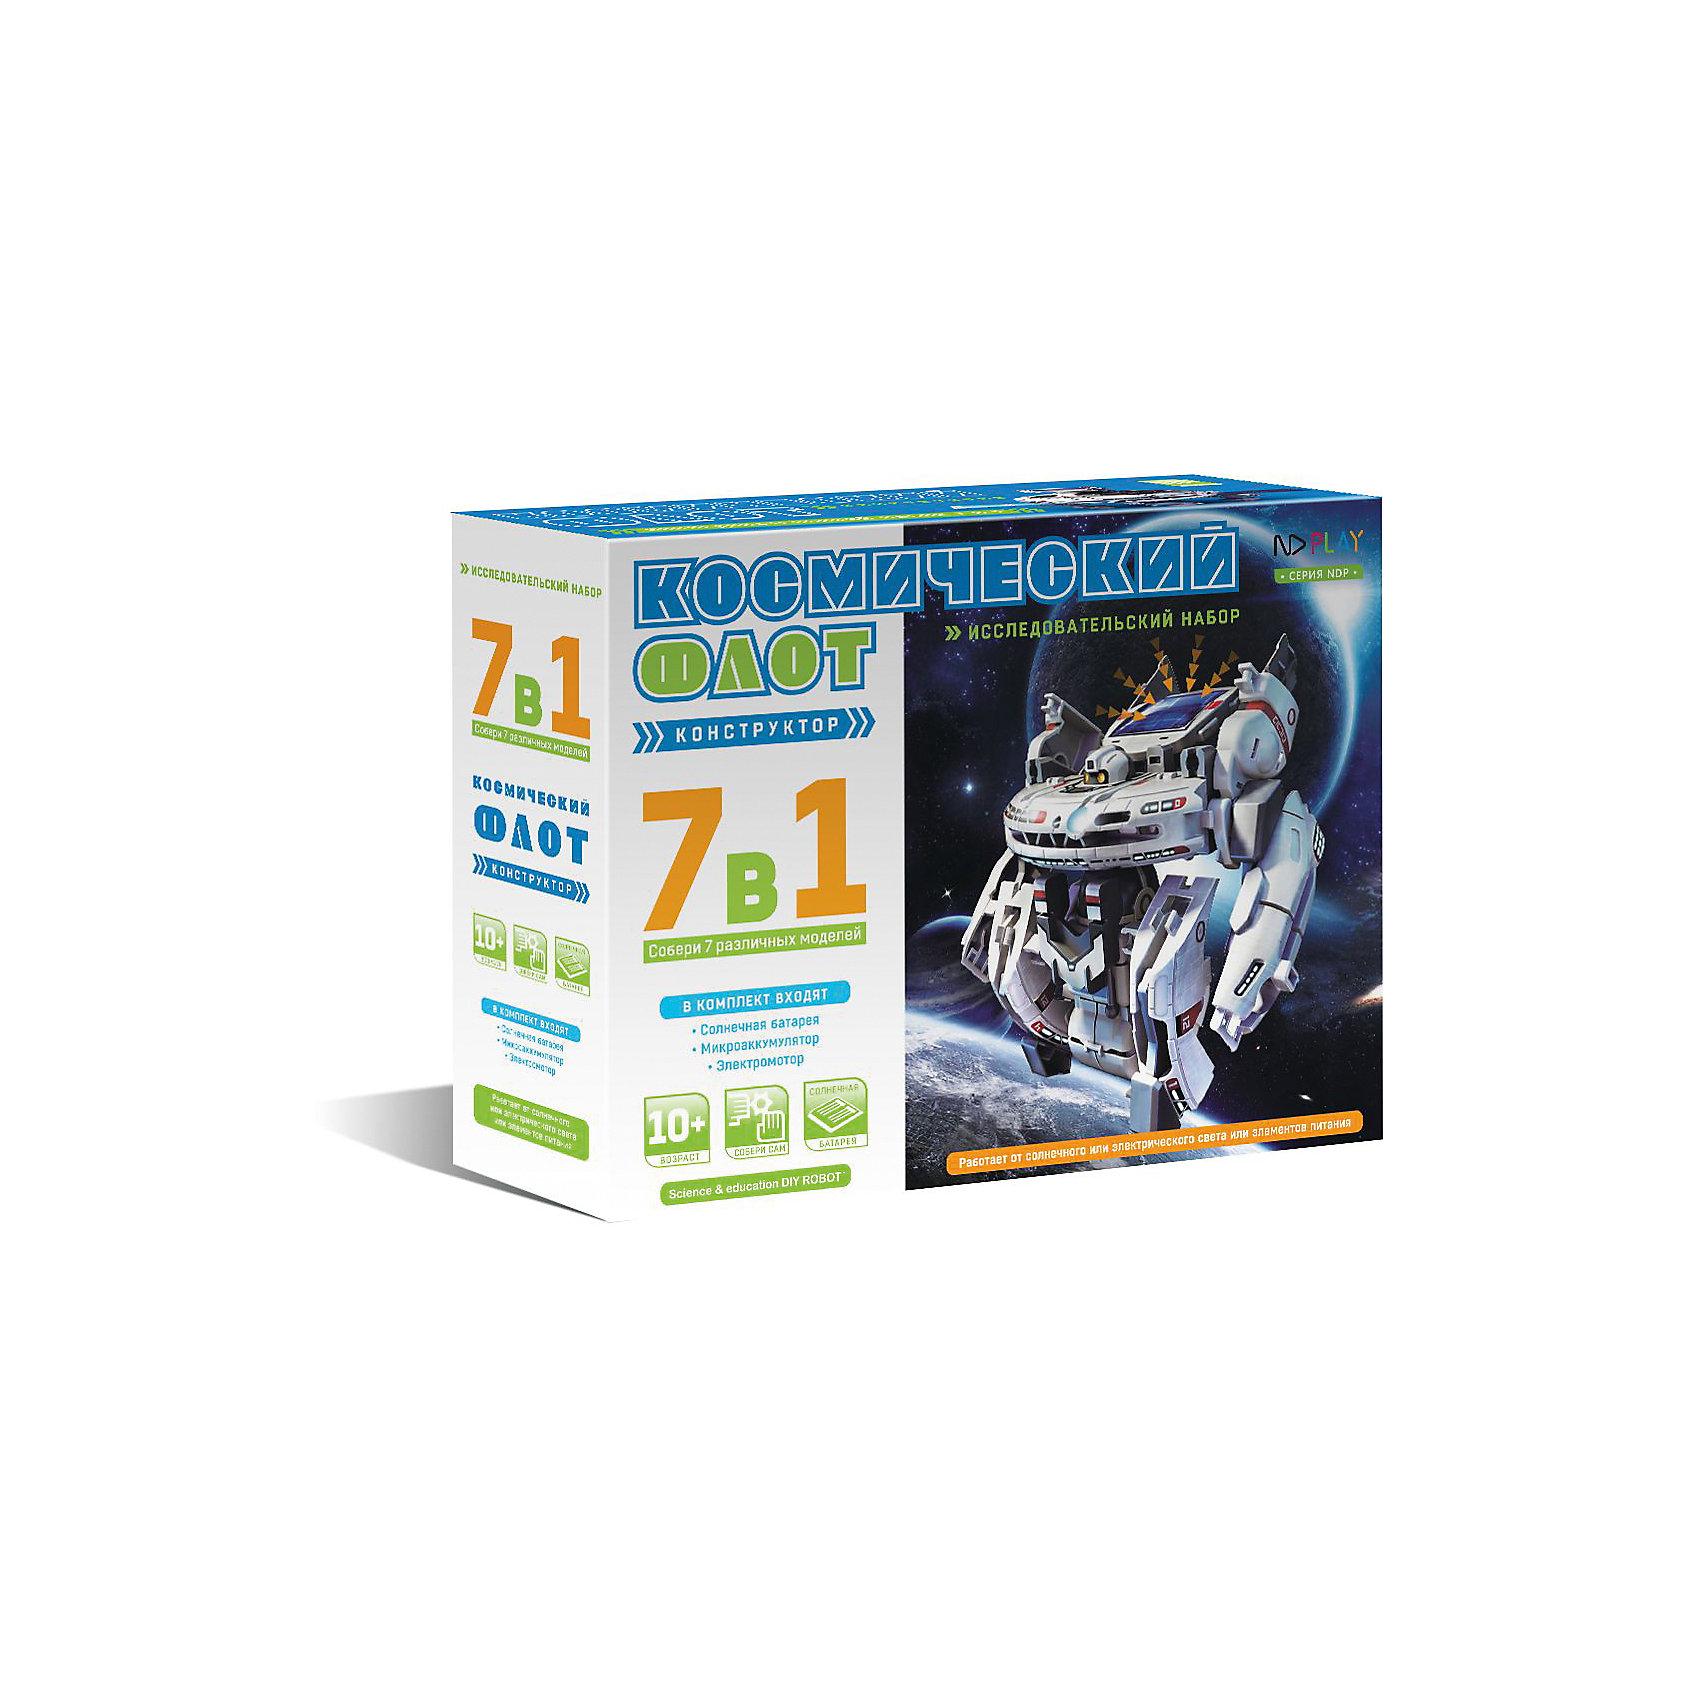 Космический флот, 7 в 1Наборы для робототехники<br>Характеристики товара:<br><br>• возраст: от 10 лет;<br>• материал: пластик;<br>• в комплекте: 63 детали;<br>• тип батареек: 2 батарейки ААА;<br>• наличие батареек: в комплект не входят;<br>• размер упаковки: 24х18х6,5 см;<br>• вес упаковки: 363 гр.;<br>• страна производитель: Китай.<br><br>Конструктор «Космический флот 7 в 1» ND Play позволит детям не только увлекательно провести время, но и построить свой космический флот и устроить с ним исследовательские экспедиции или космические сражения. <br><br>Из элементов конструктора собираются 7 составных частей флота. Солнечная батарея, которая идет в комплекте, приводит в движение космические корабли. Конструктор позволит детям познакомиться с роботостроением и принципом работы солнечной батареи.<br><br>Конструктор «Космический флот 7 в 1» ND Play можно приобрести в нашем интернет-магазине.<br><br>Ширина мм: 240<br>Глубина мм: 65<br>Высота мм: 180<br>Вес г: 363<br>Возраст от месяцев: 120<br>Возраст до месяцев: 2147483647<br>Пол: Мужской<br>Возраст: Детский<br>SKU: 6709639